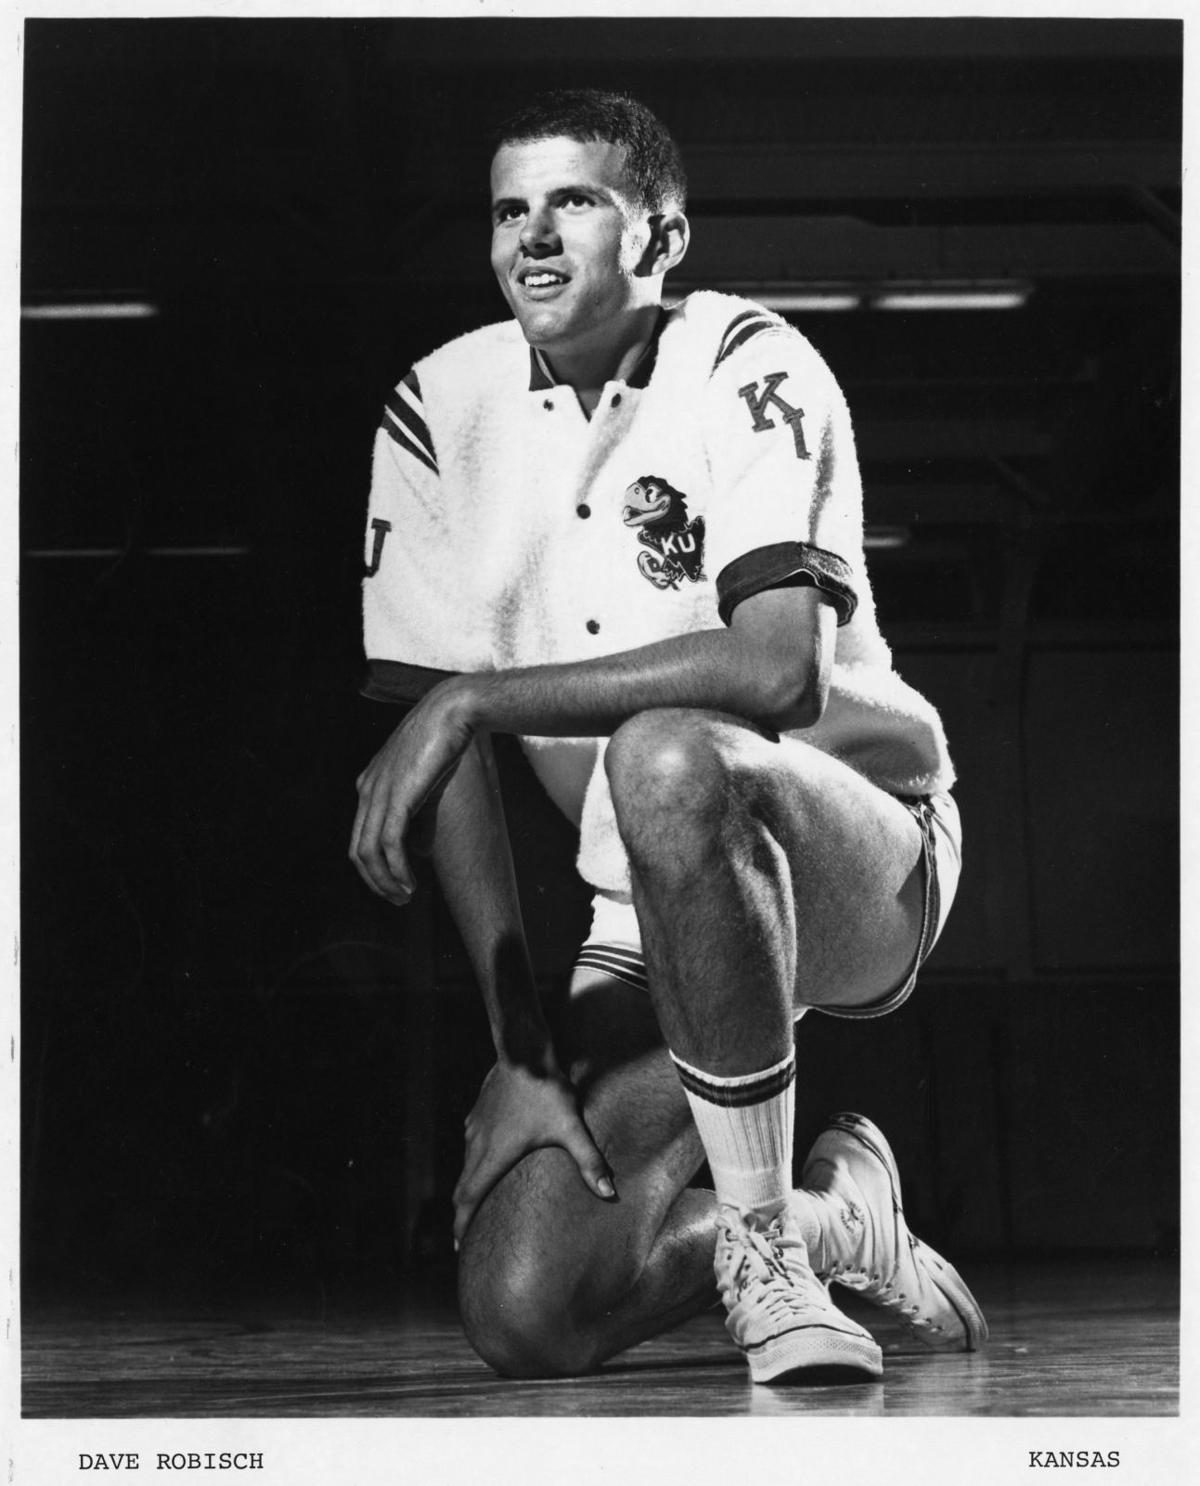 As a fantastic shooter Dave Robisch was a superstar at Kansas